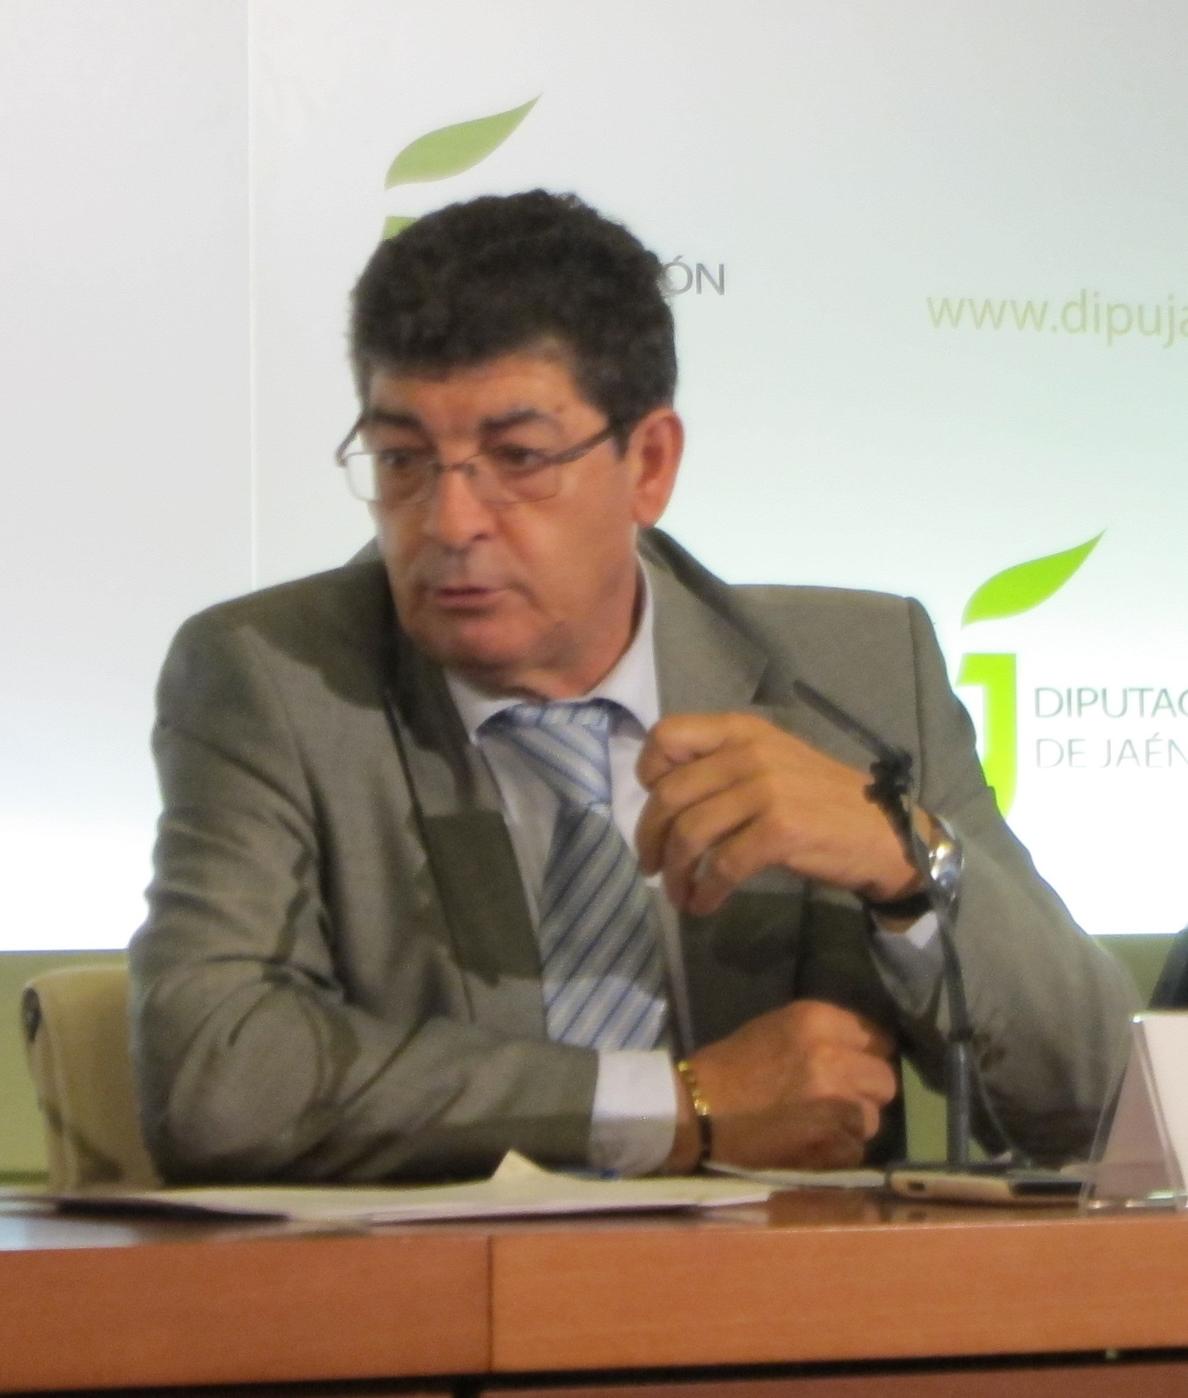 Valderas defiende el viaje de Díaz a Canarias para «preocuparse de temas de Andalucía» como la financiación autonómica